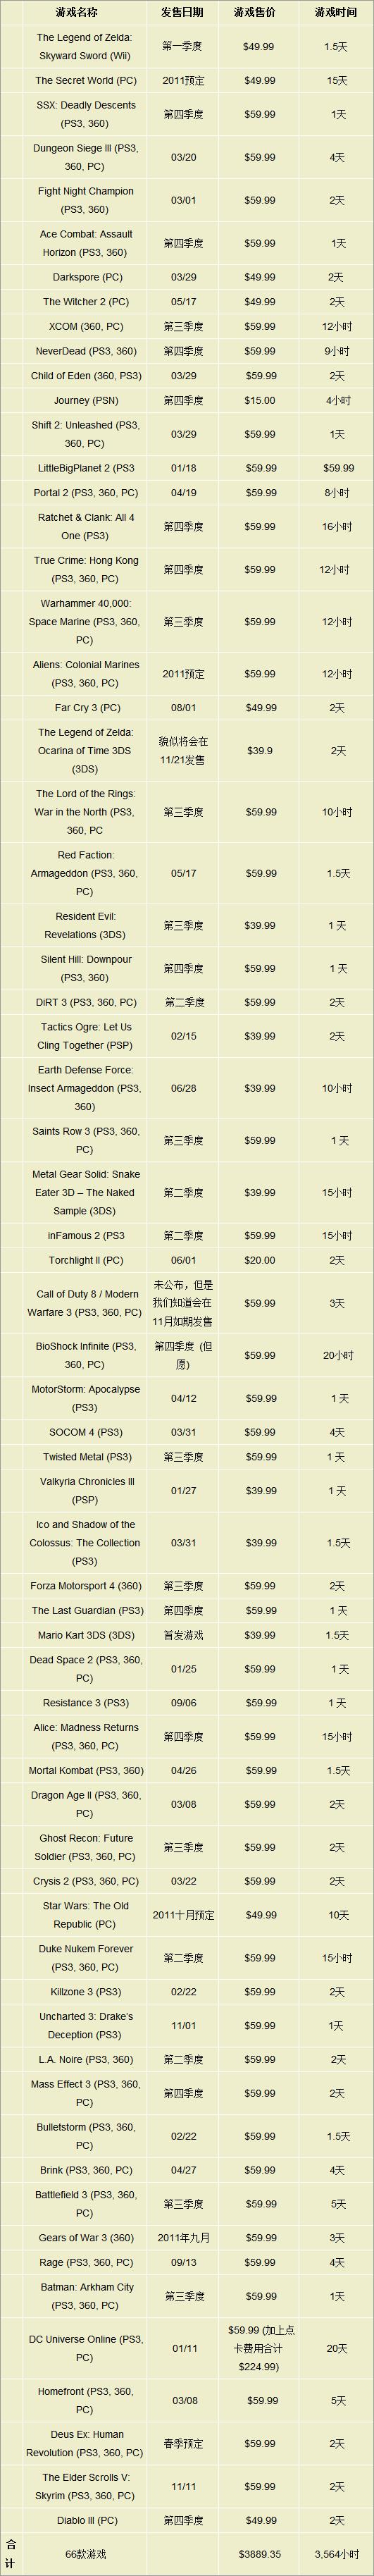 死忠游戏饭的2011计划表 令人瞠目的游戏账